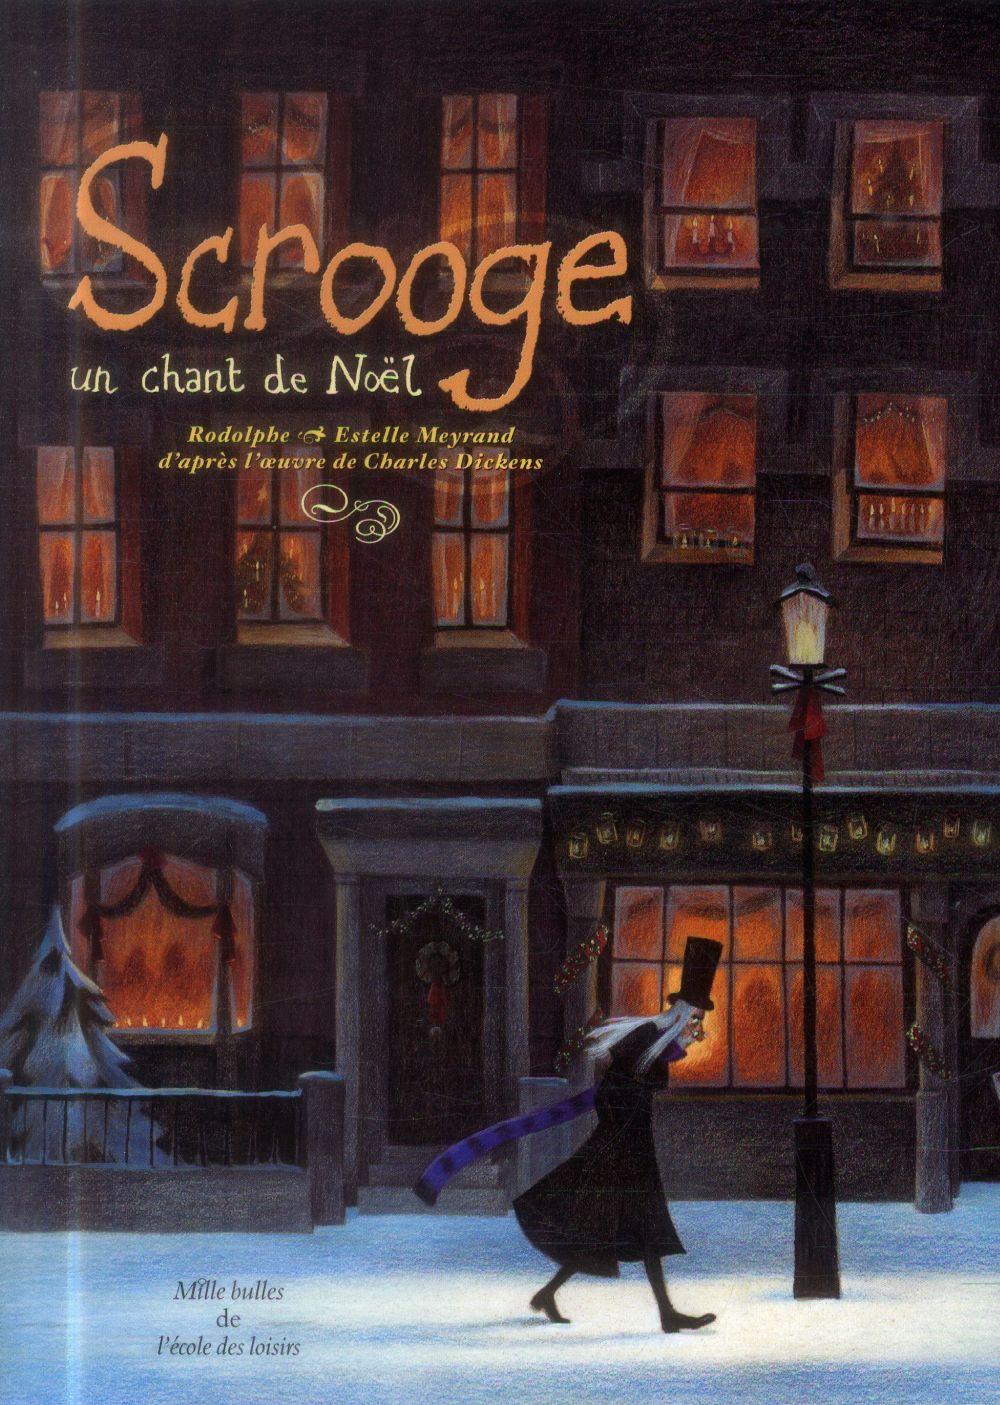 Scrooge un chant de Noël